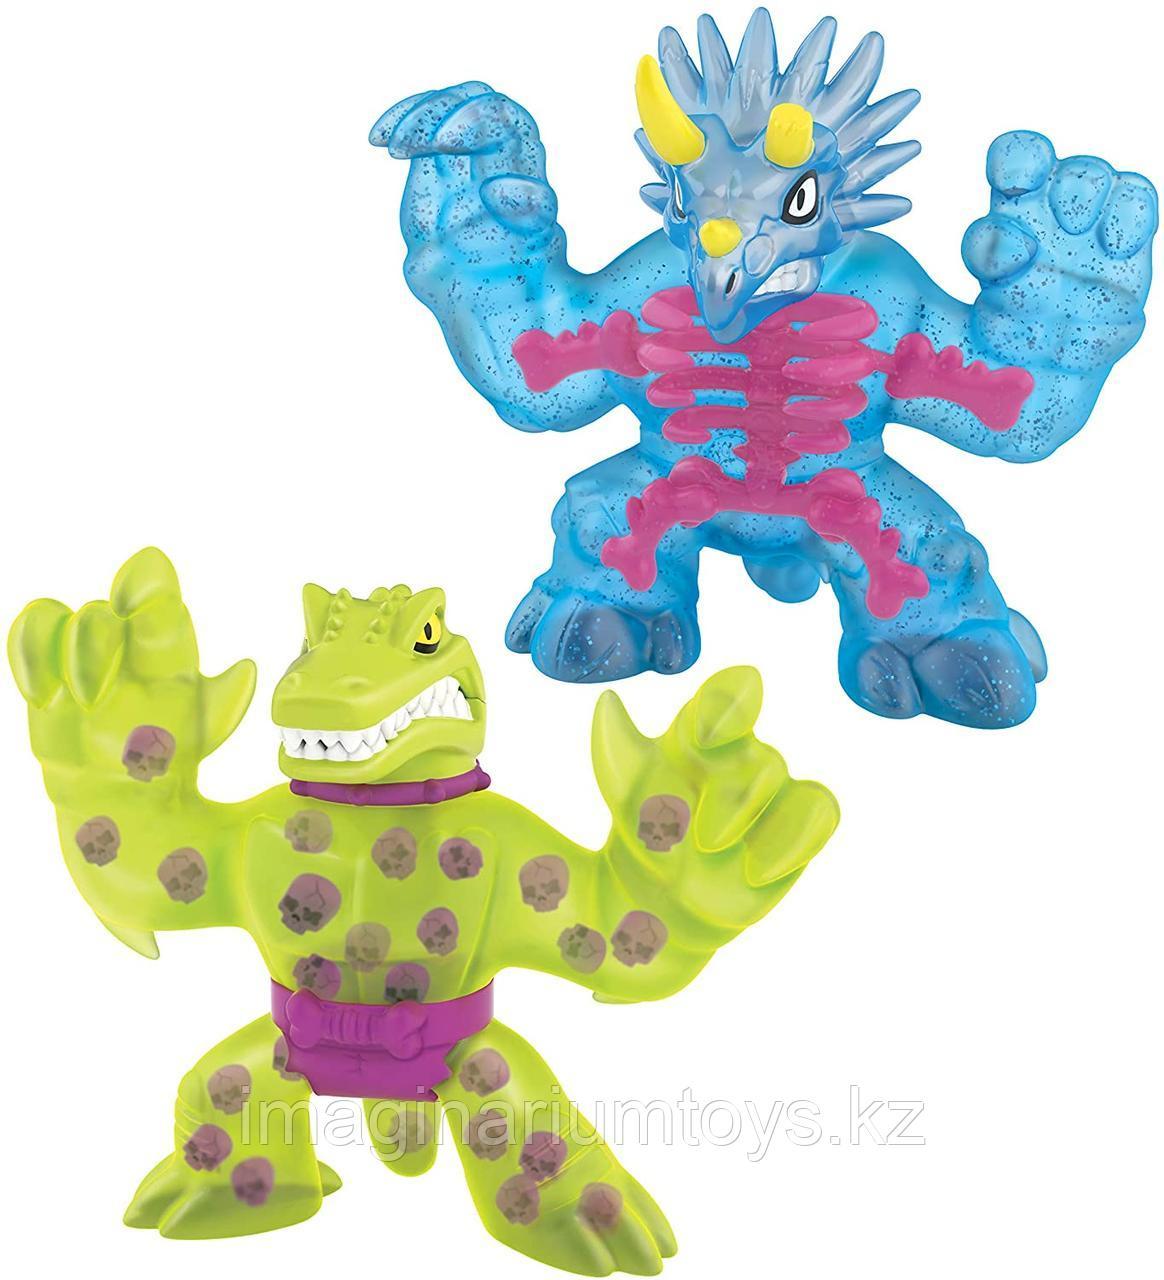 Гуджитсу набор динозавры Трицератопс и Шредз игрушка Goo Jit Zu серия X-Ray